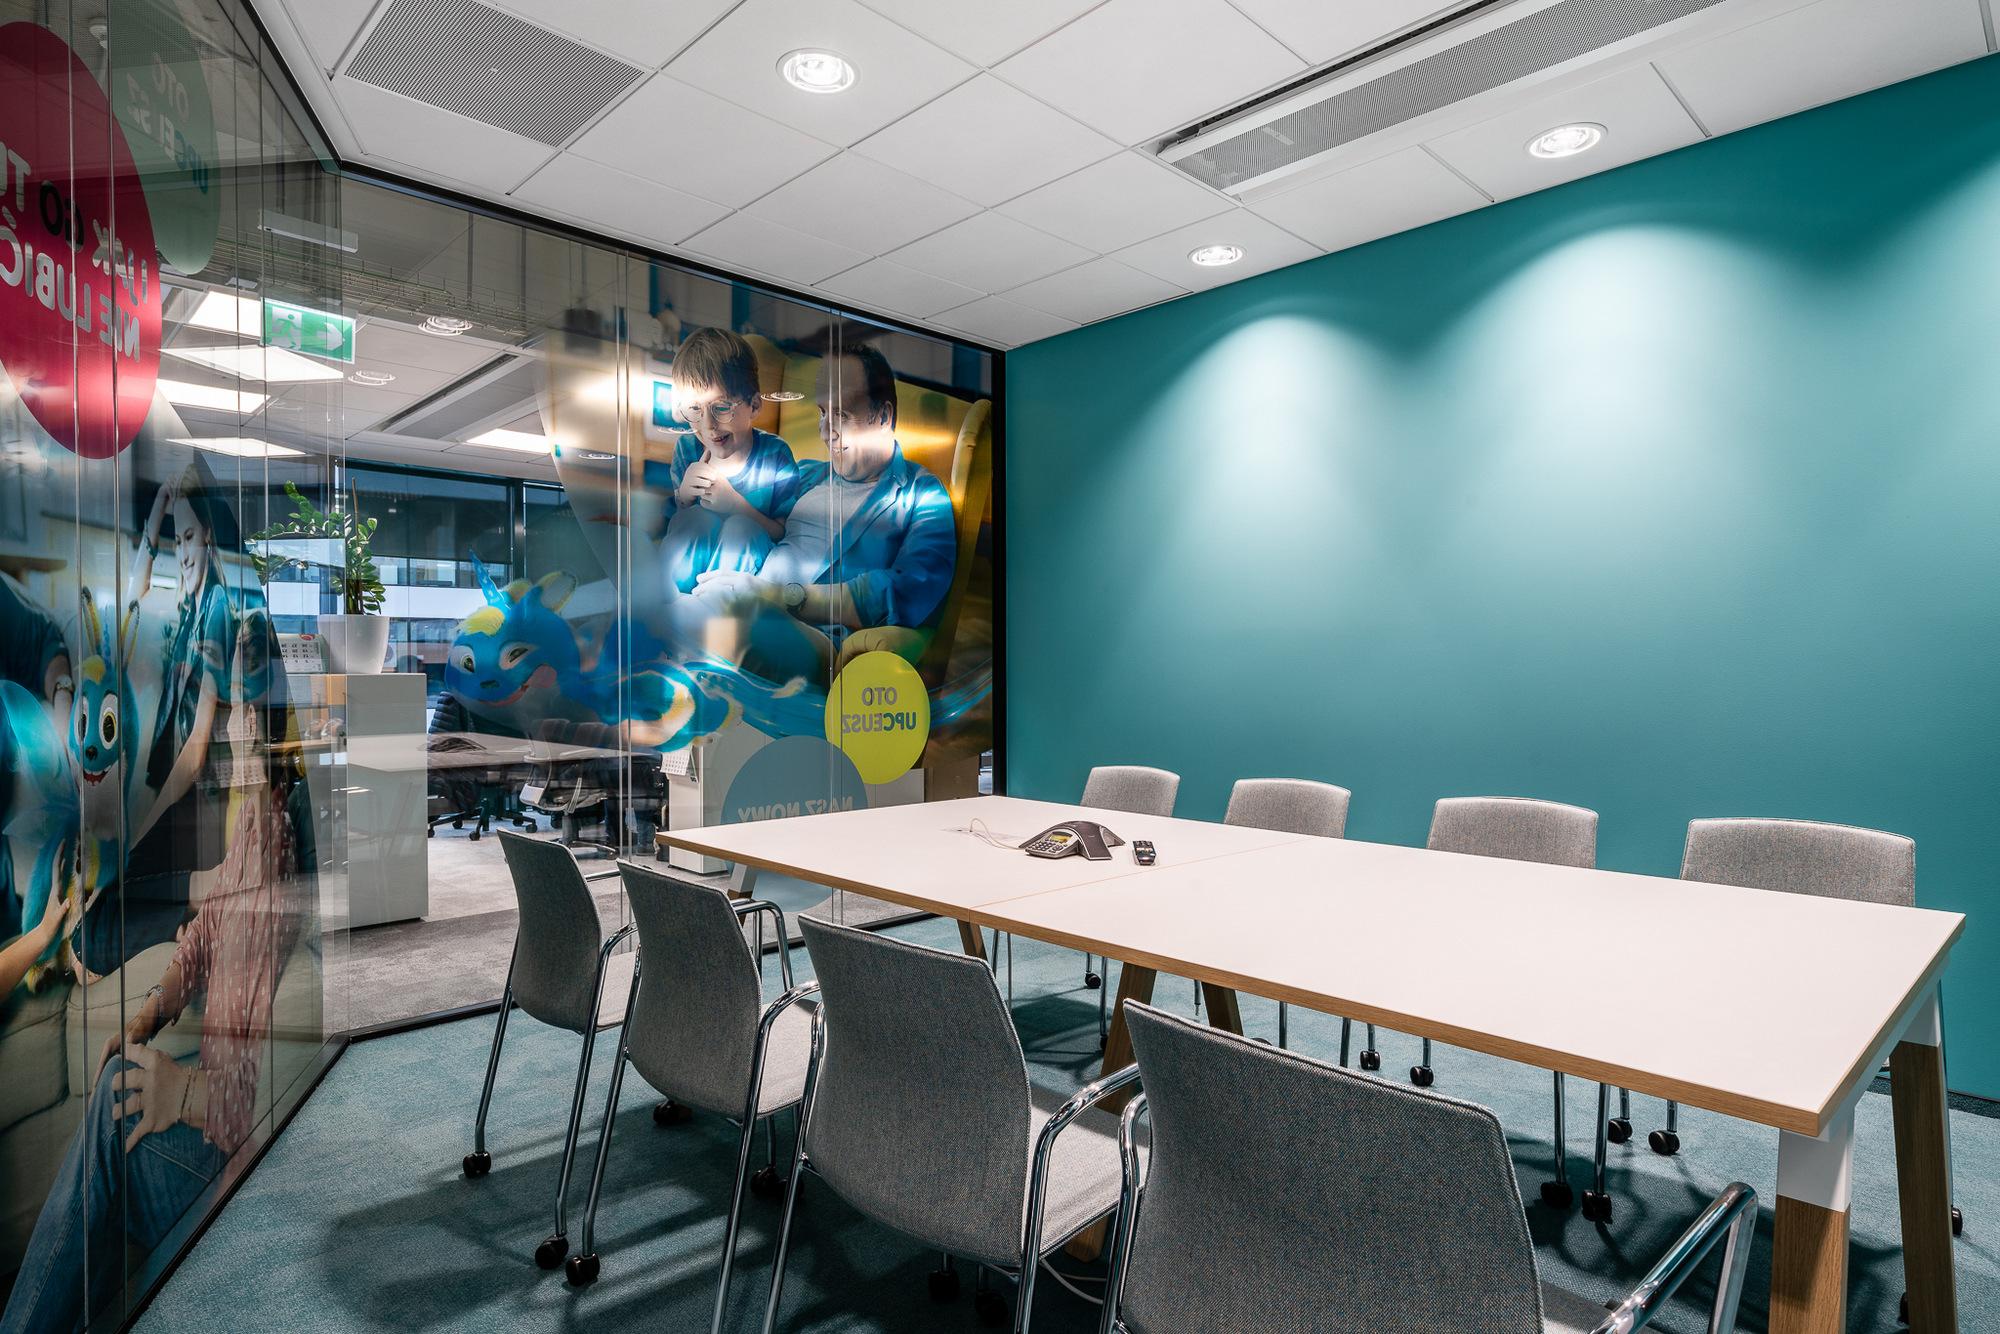 办公室设计前需要做的准备工作?